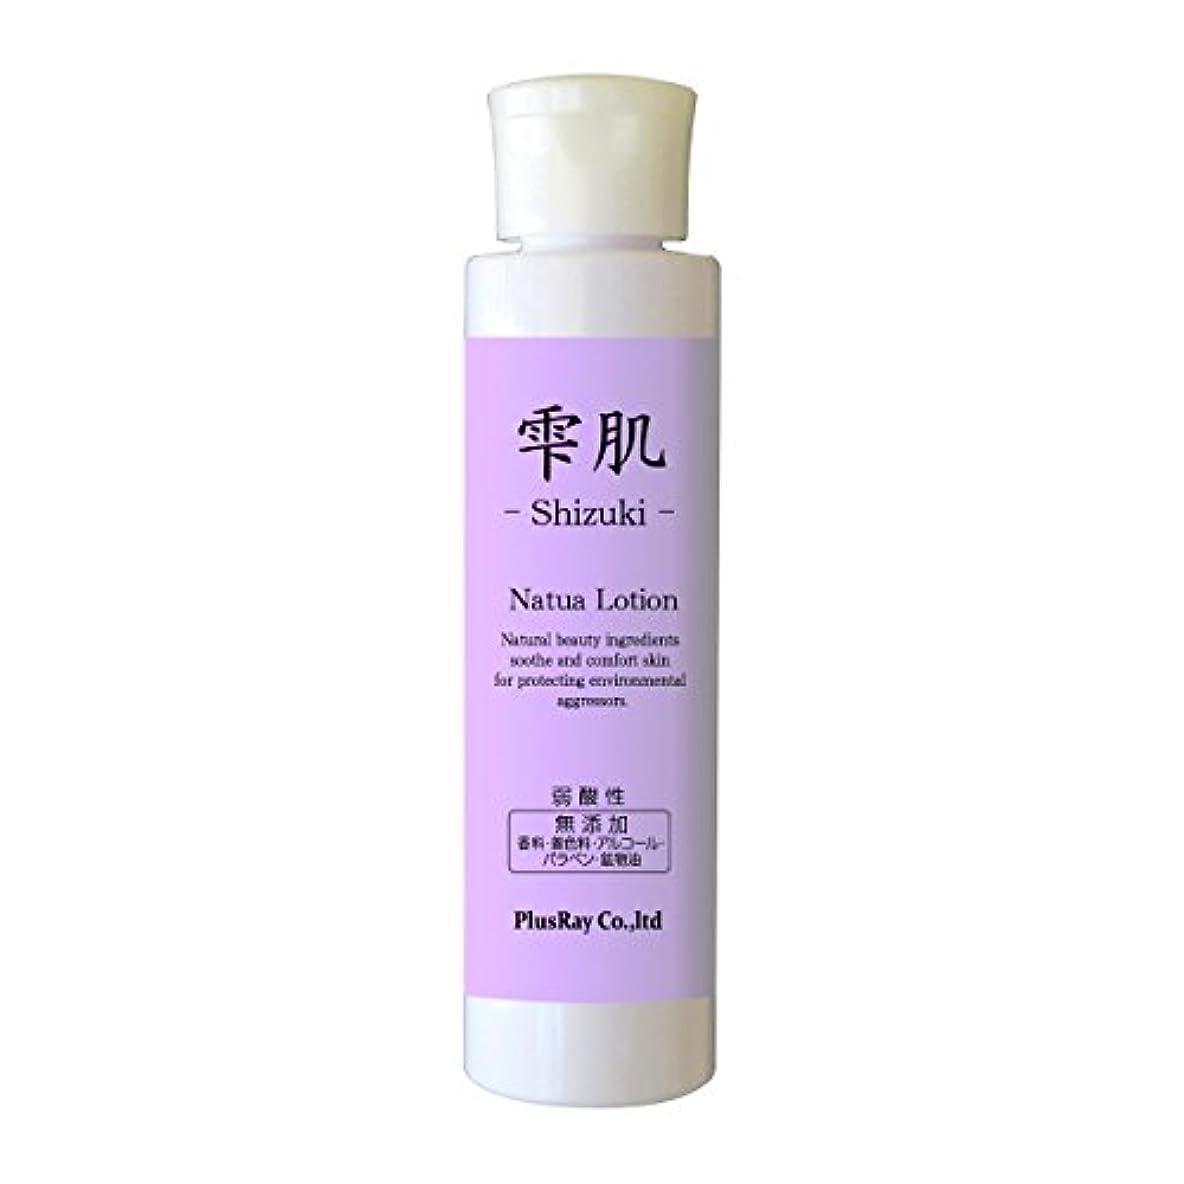 おばあさんバイアス無意味プラスレイ(PlusRay)化粧品 ナチュアローション 雫肌 しづき アズレン 化粧水